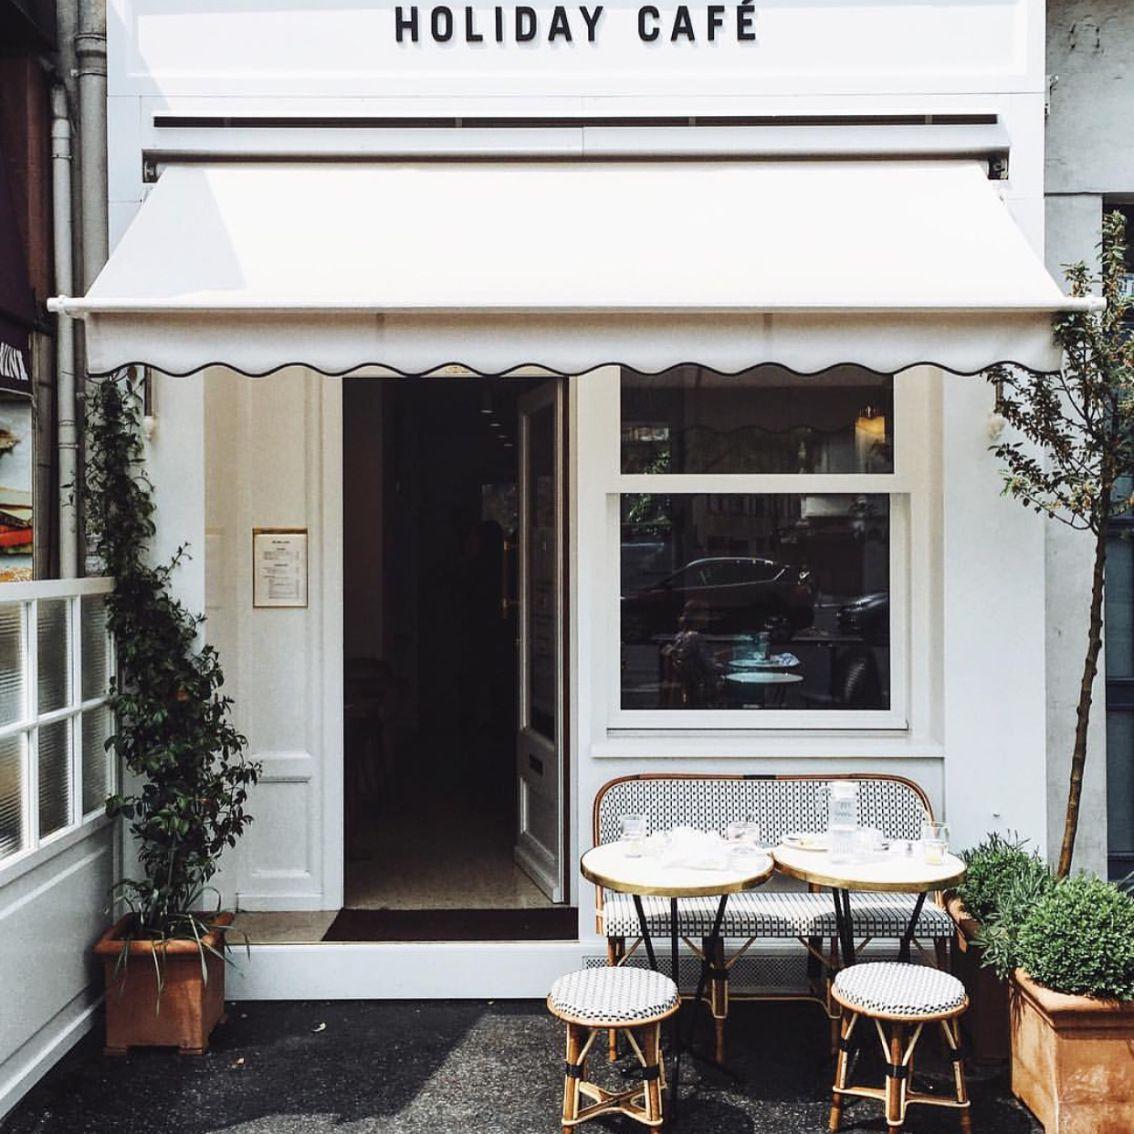 Le Magazine Holiday Et Son Cafe Cafe Interieur Architektur Produktdesign